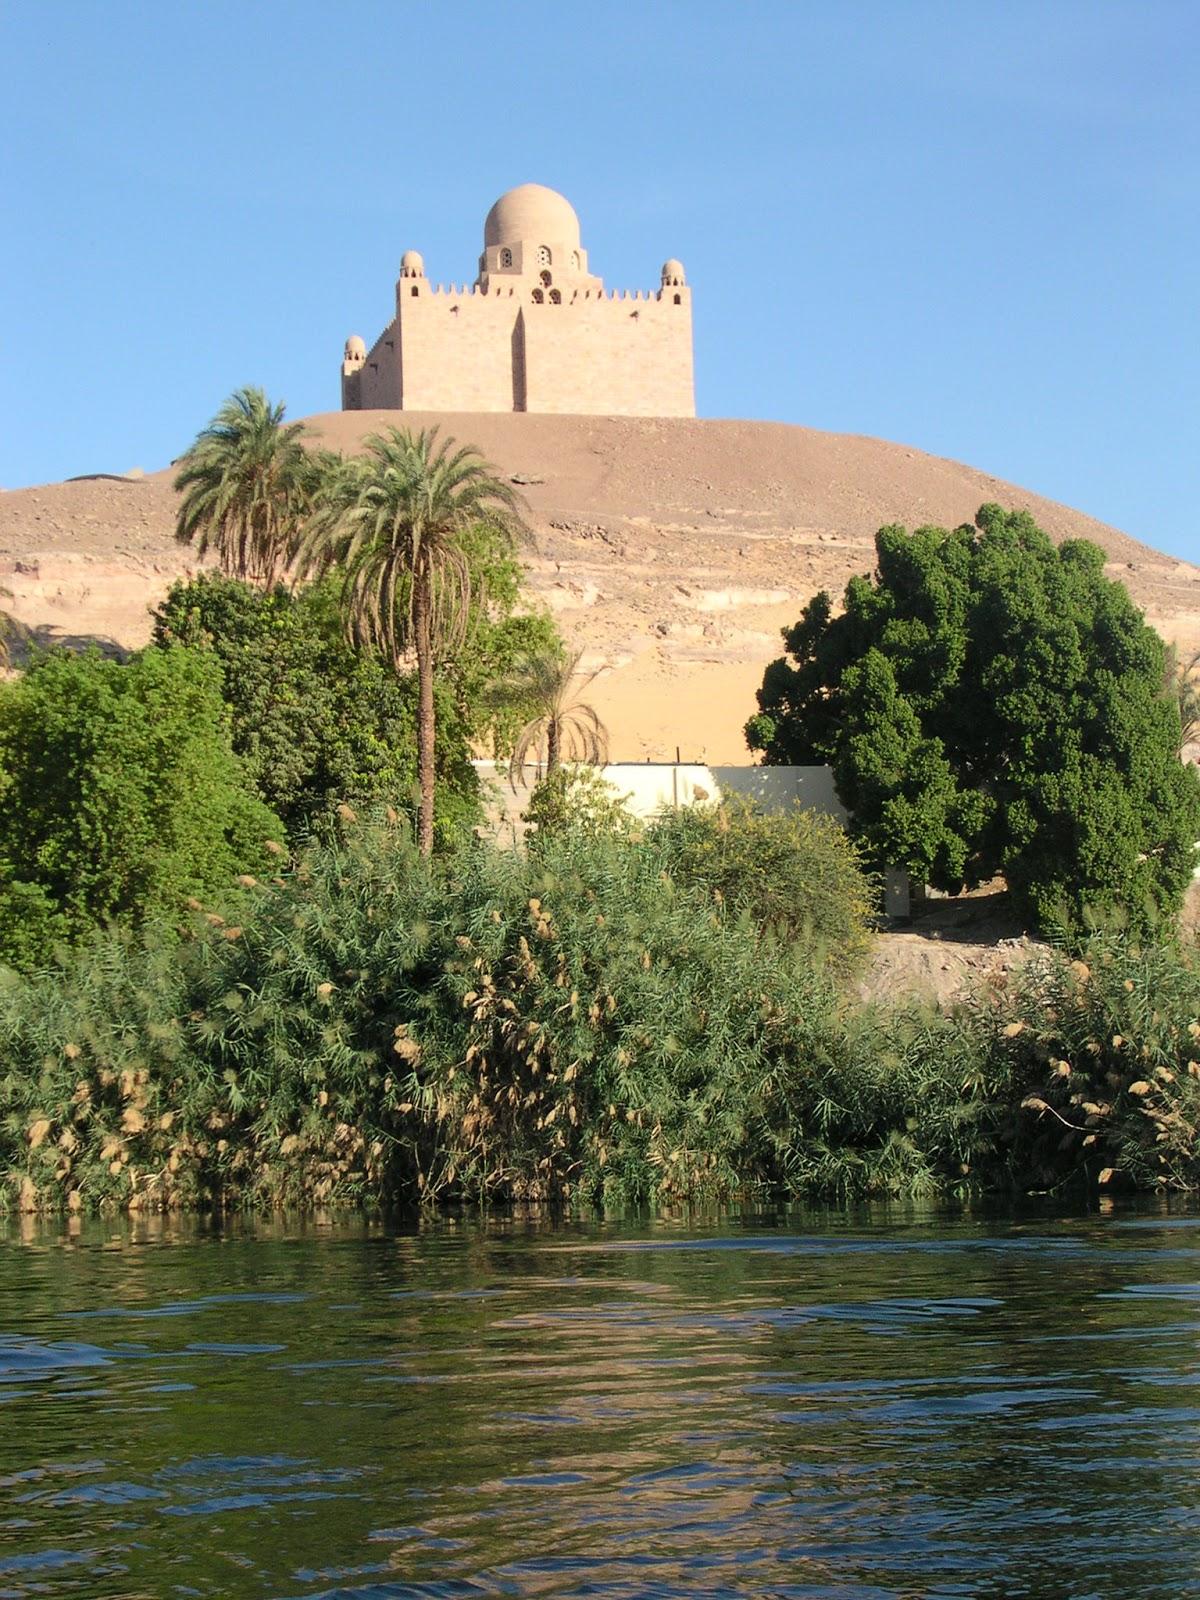 L'Aga Khan III et son mausolée à Assouan - Haute Egypte